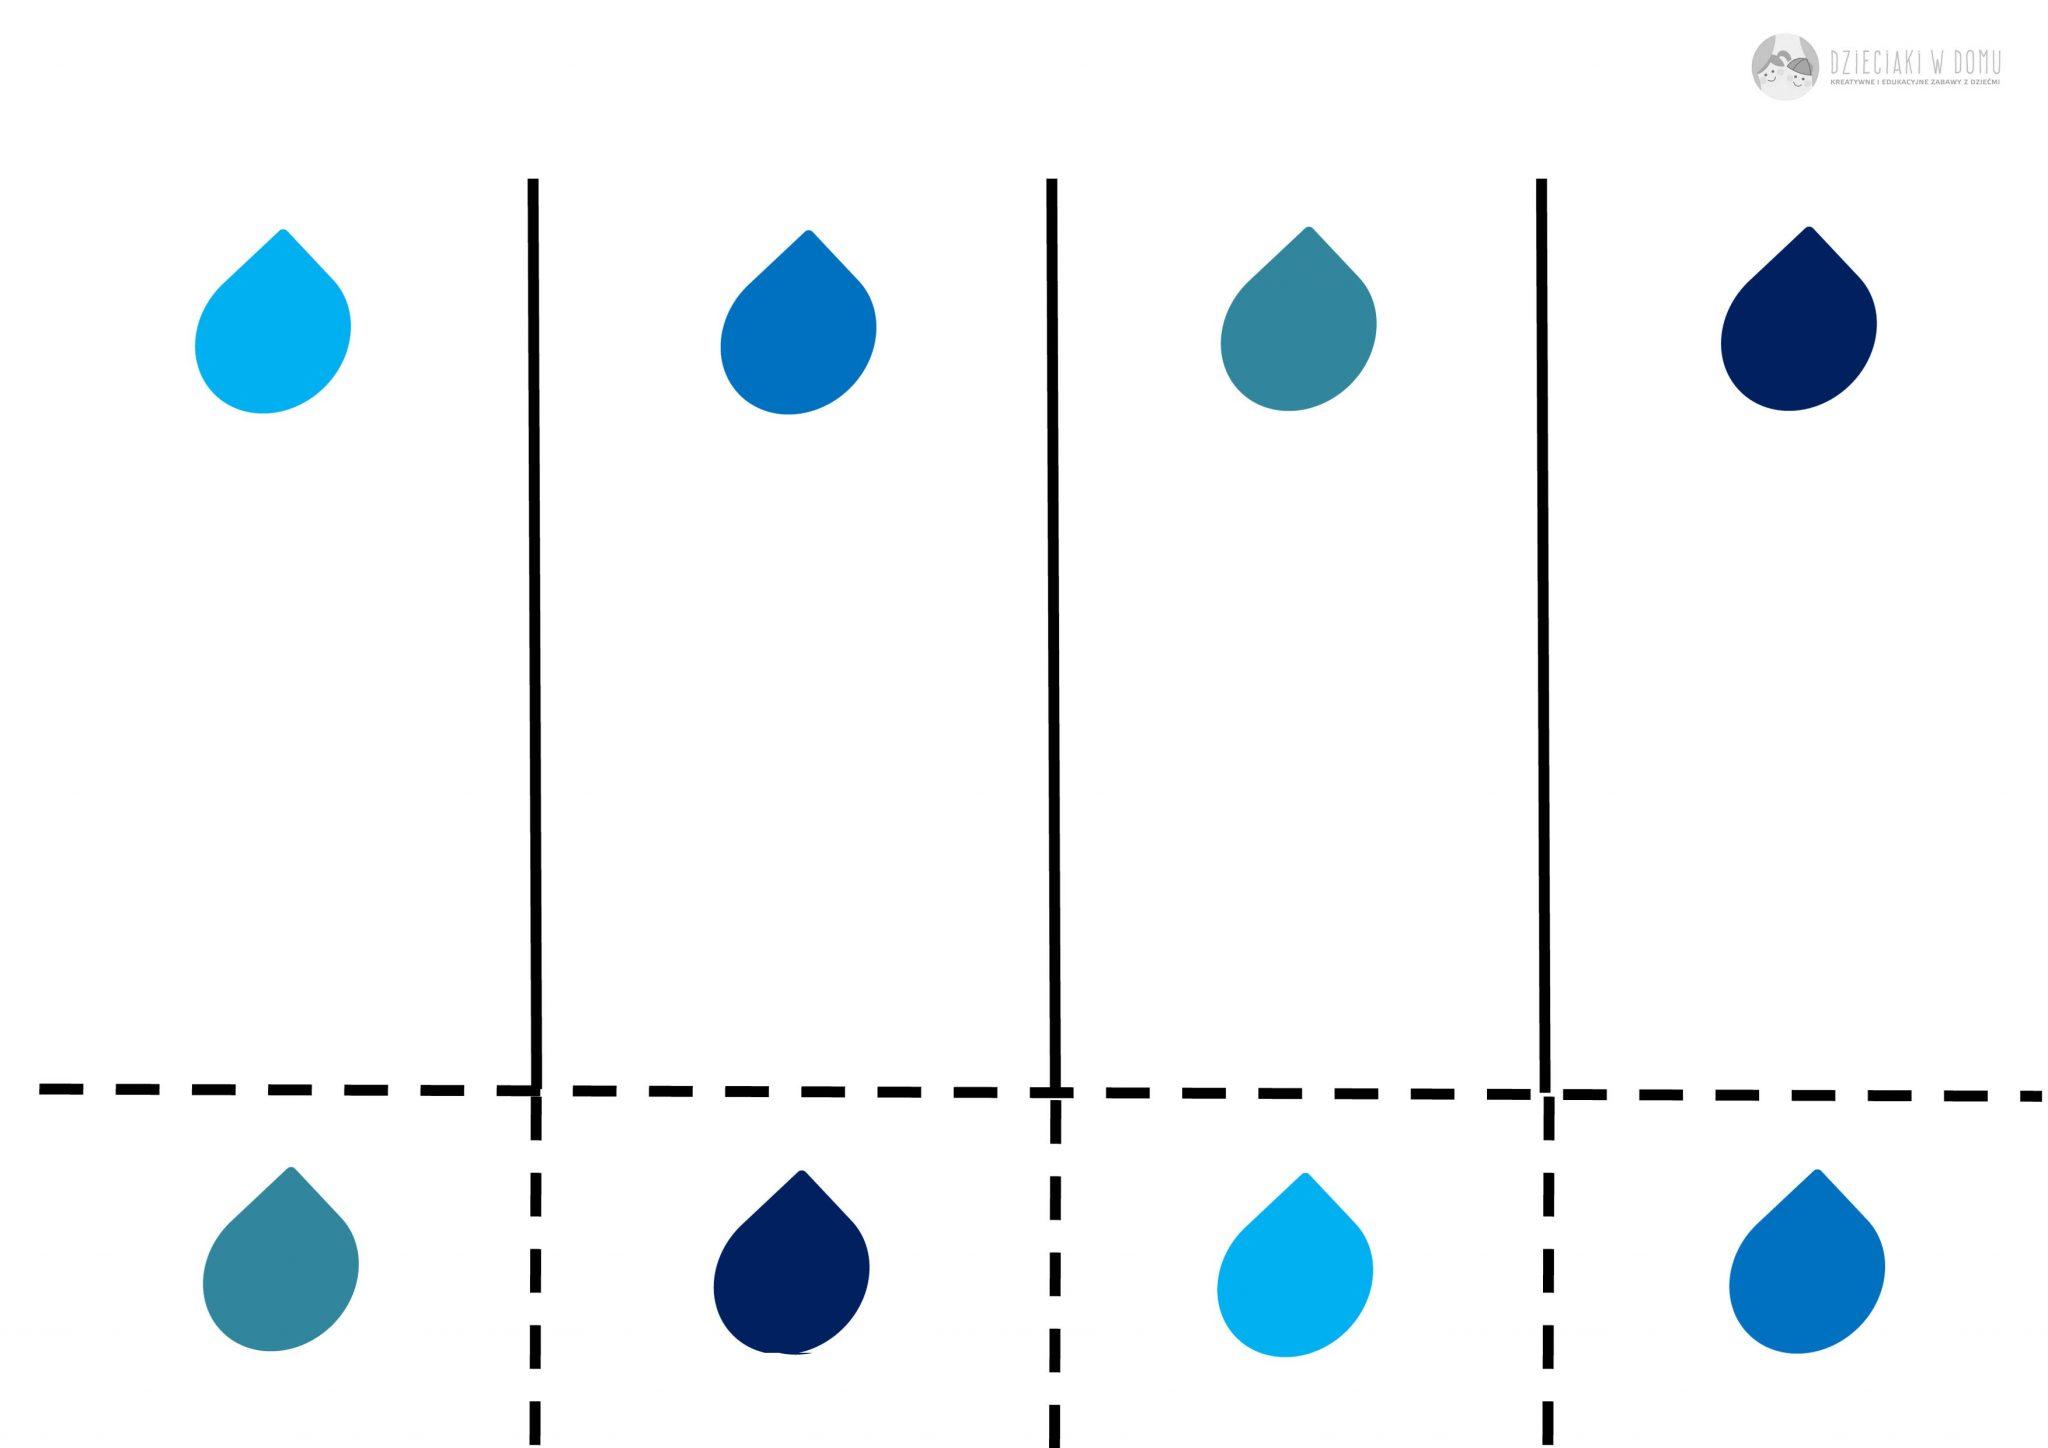 Krople deszczu - odcienie - karta pracy dla dzieci